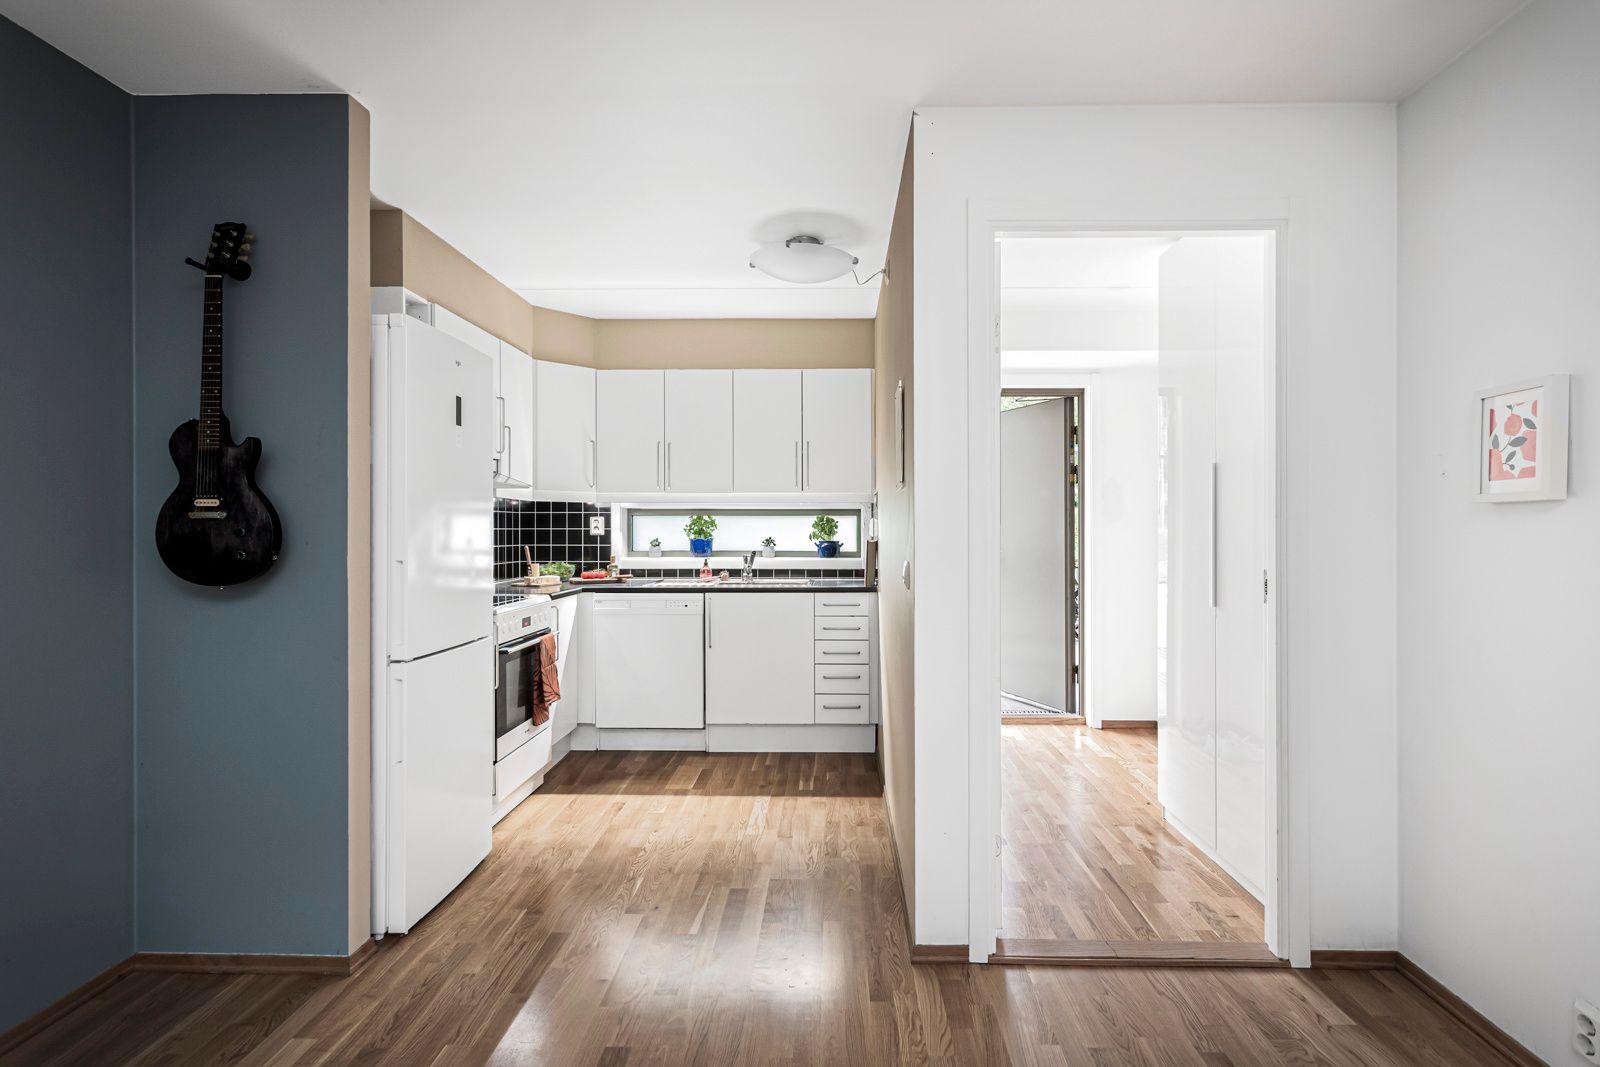 Alnagata 20B Kjøkkenet har en åpen løsning mot stue med en pen innredning fra Sigdal.